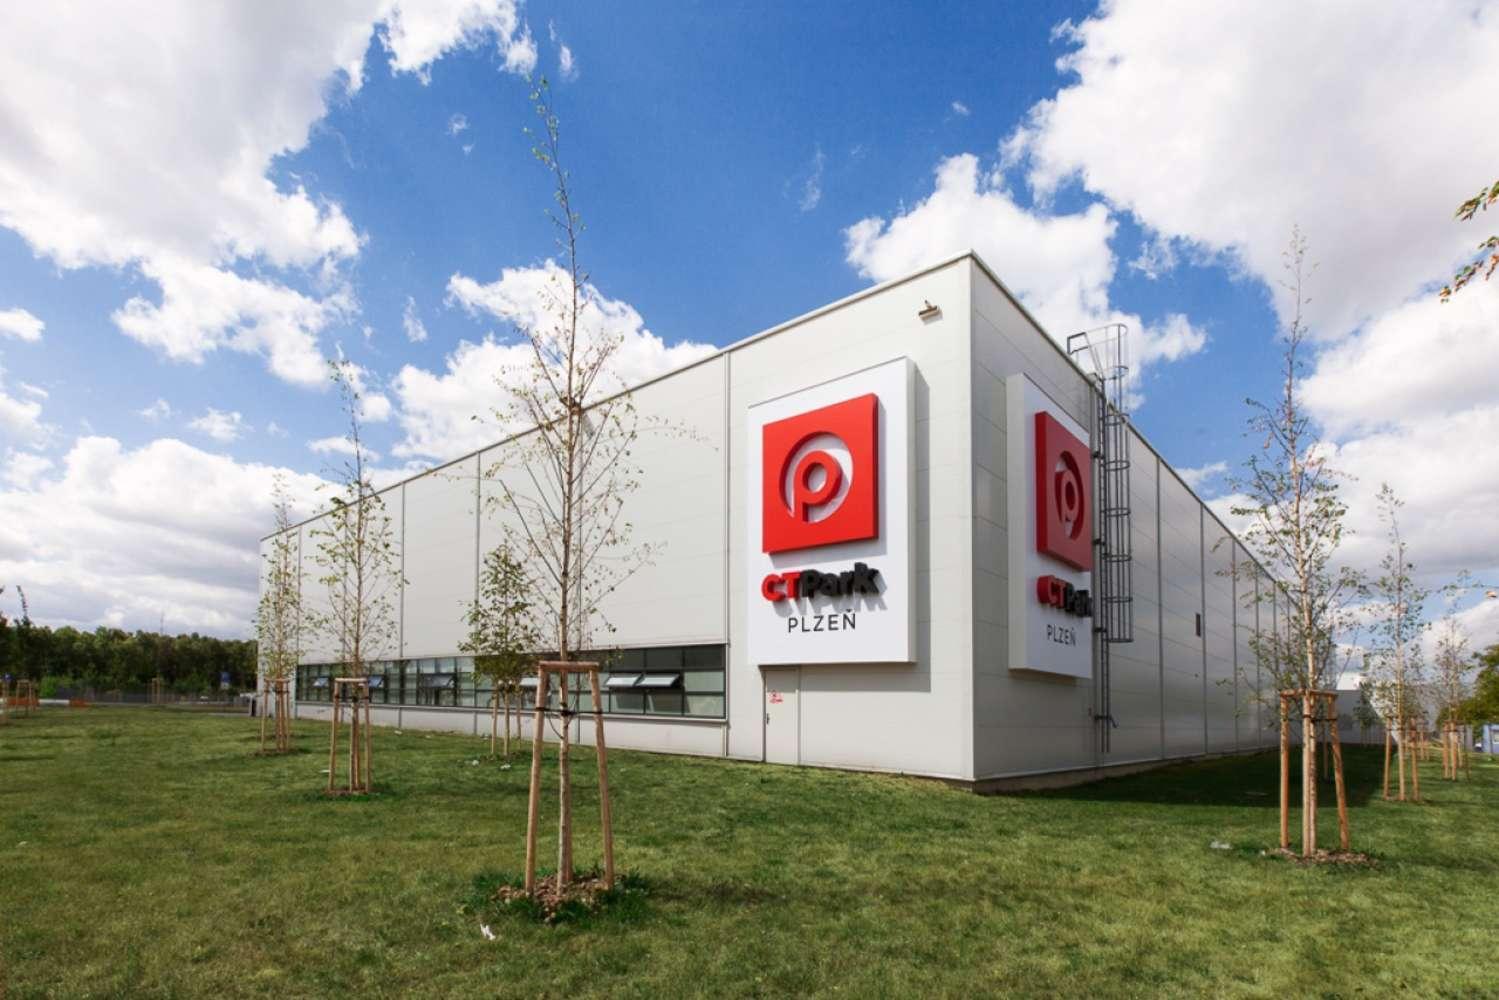 Průmyslové nemovitosti Plzeň,  - CTPark Plzeň - 276006684937249